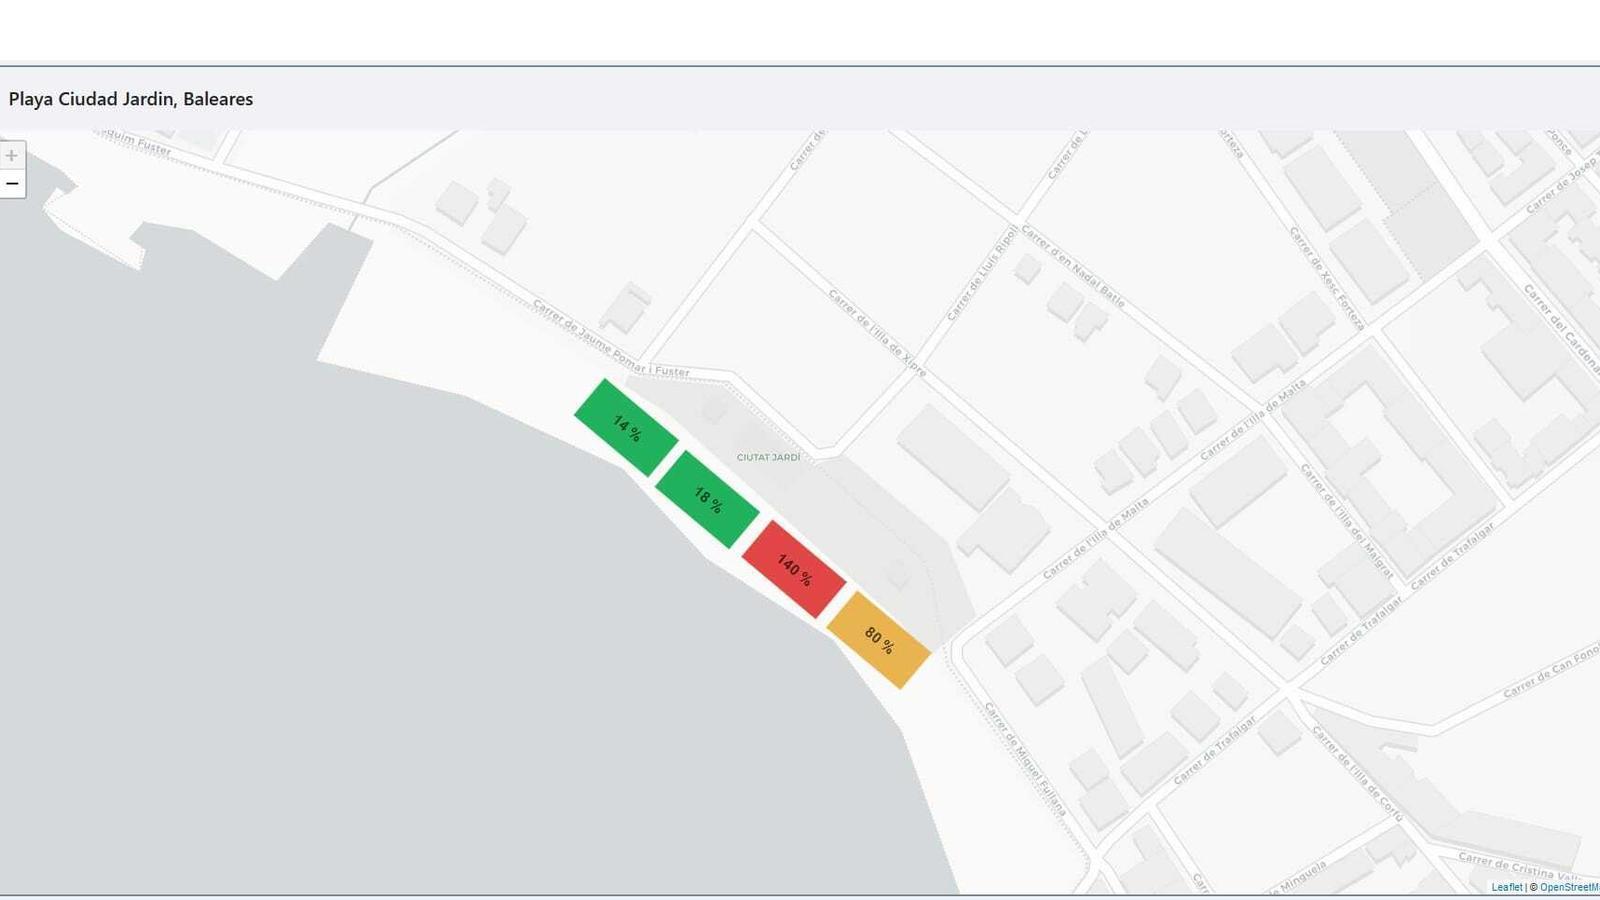 Simulació de la interfície que mostrarà a les autoritats la densitat d'ocupació de la platja de Ciutat Jardí.